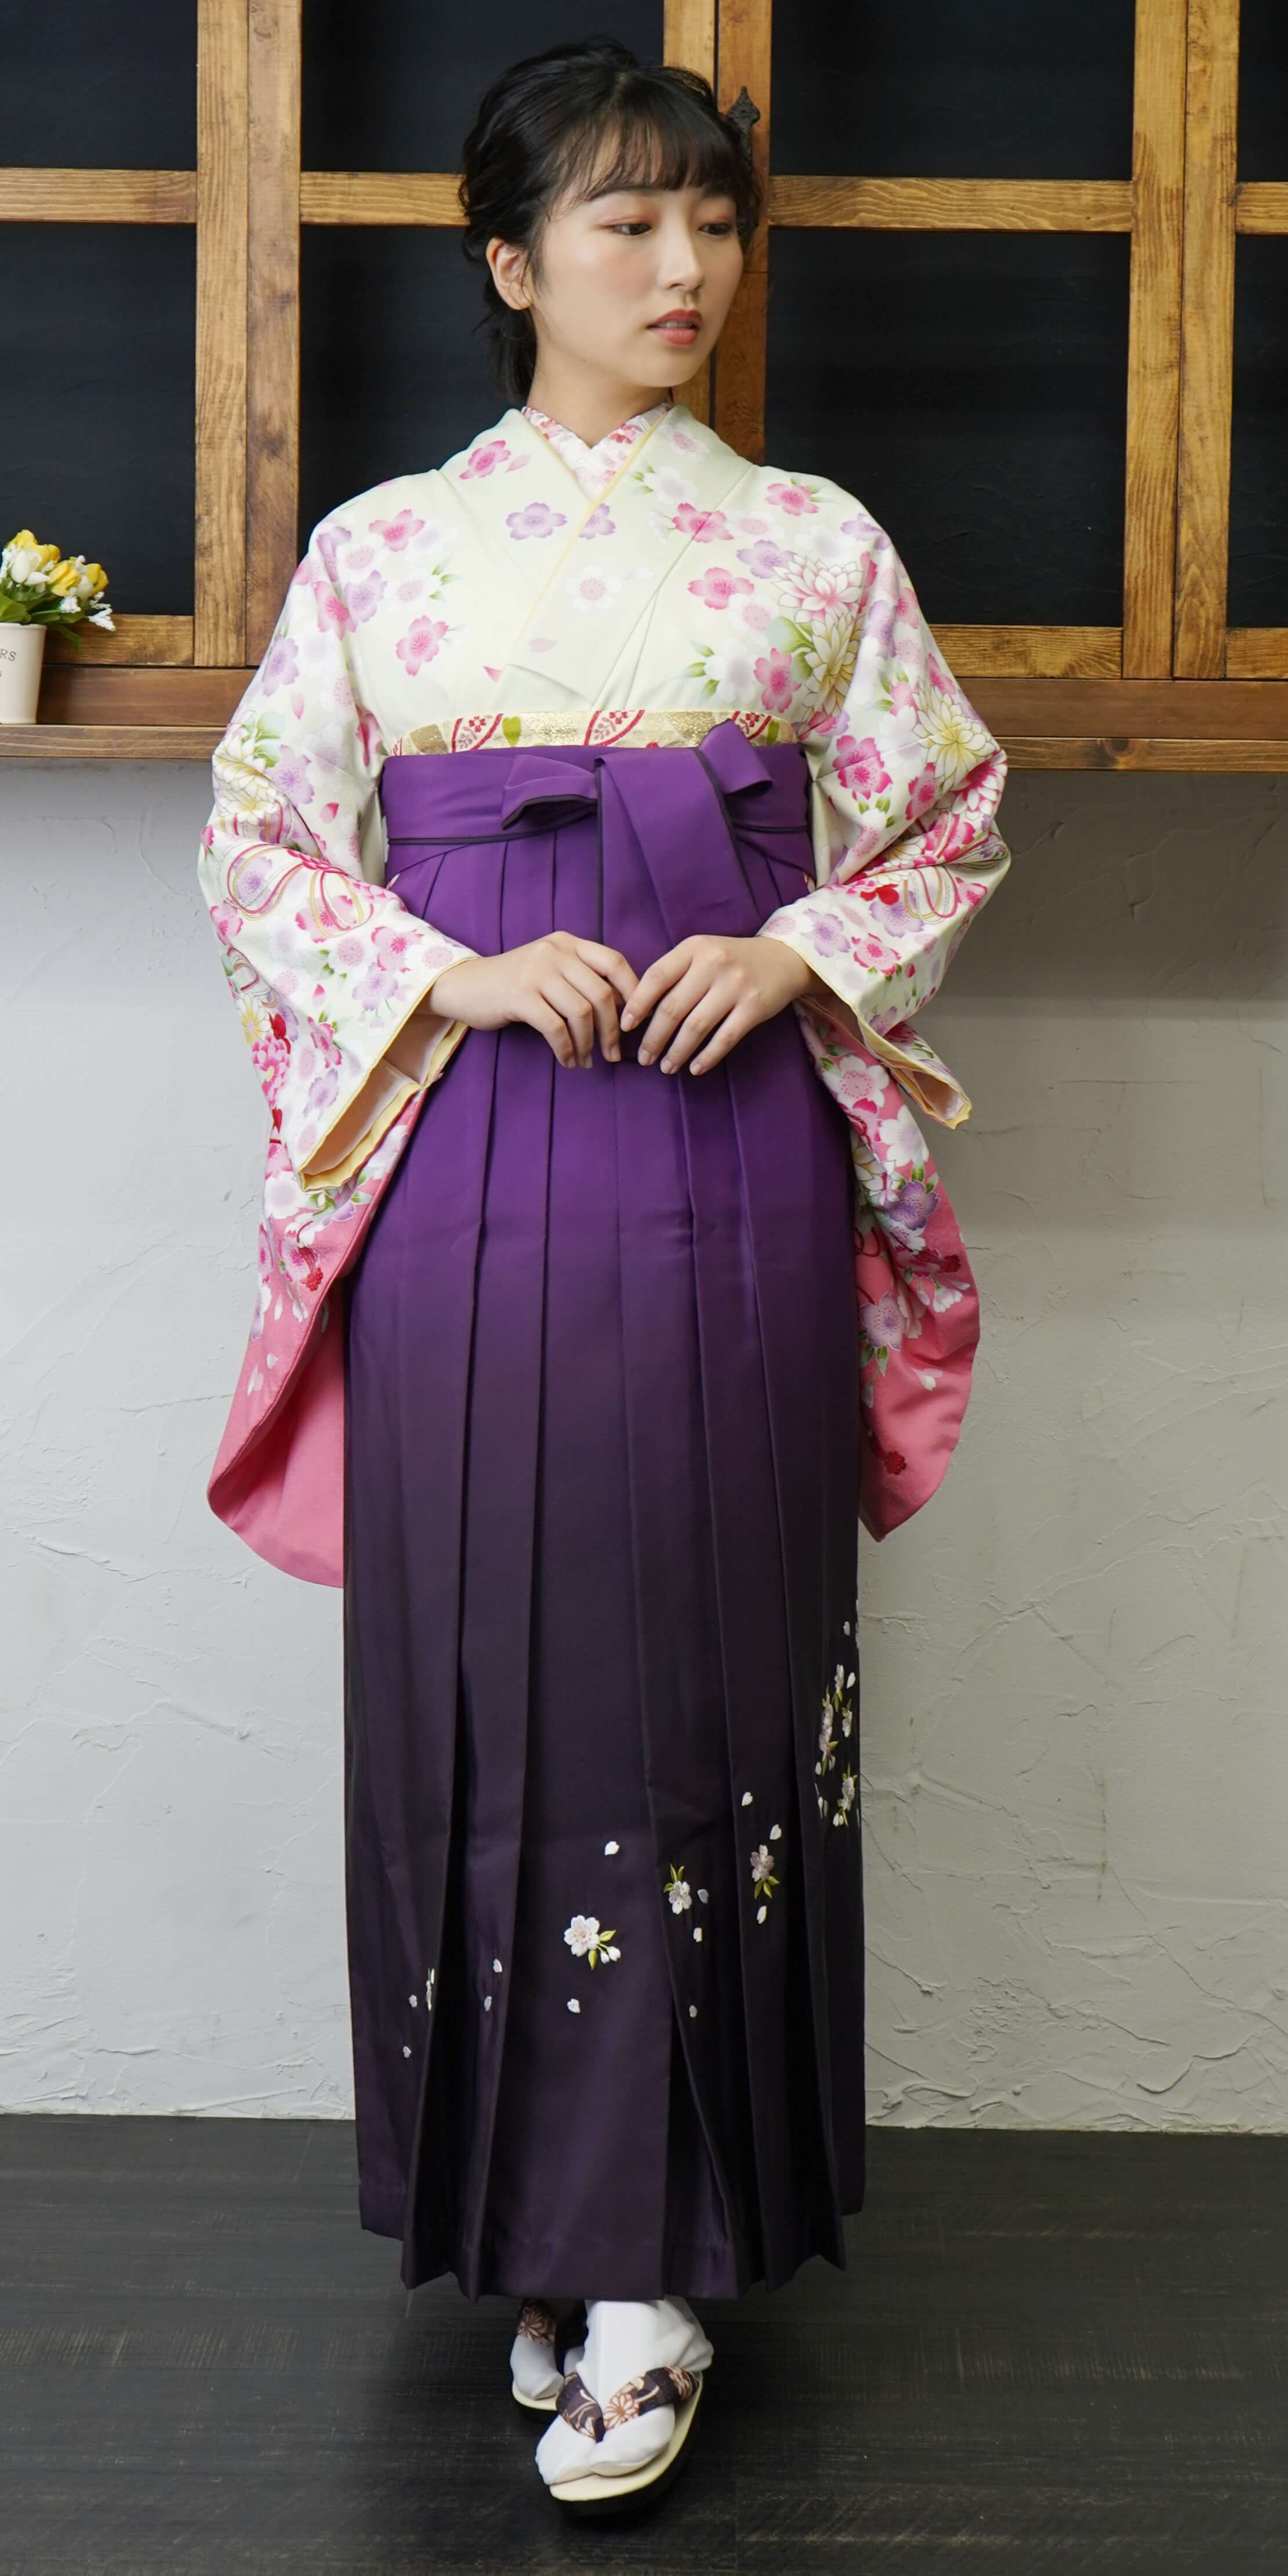 【着物】ウスグリーン束ね菊・桜+【袴】ムラサキボカシシシュウ